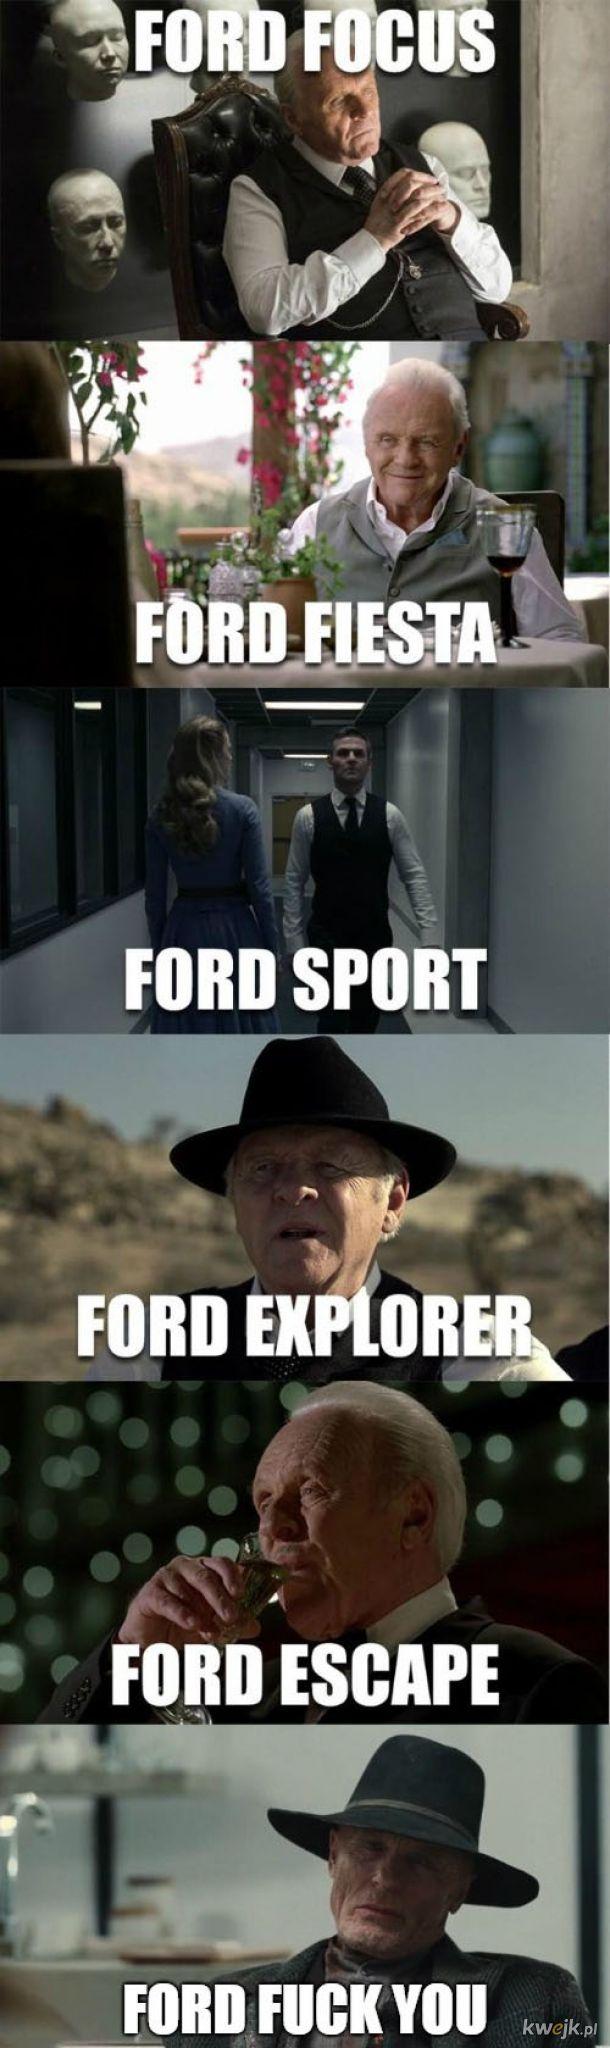 Różne modele Forda